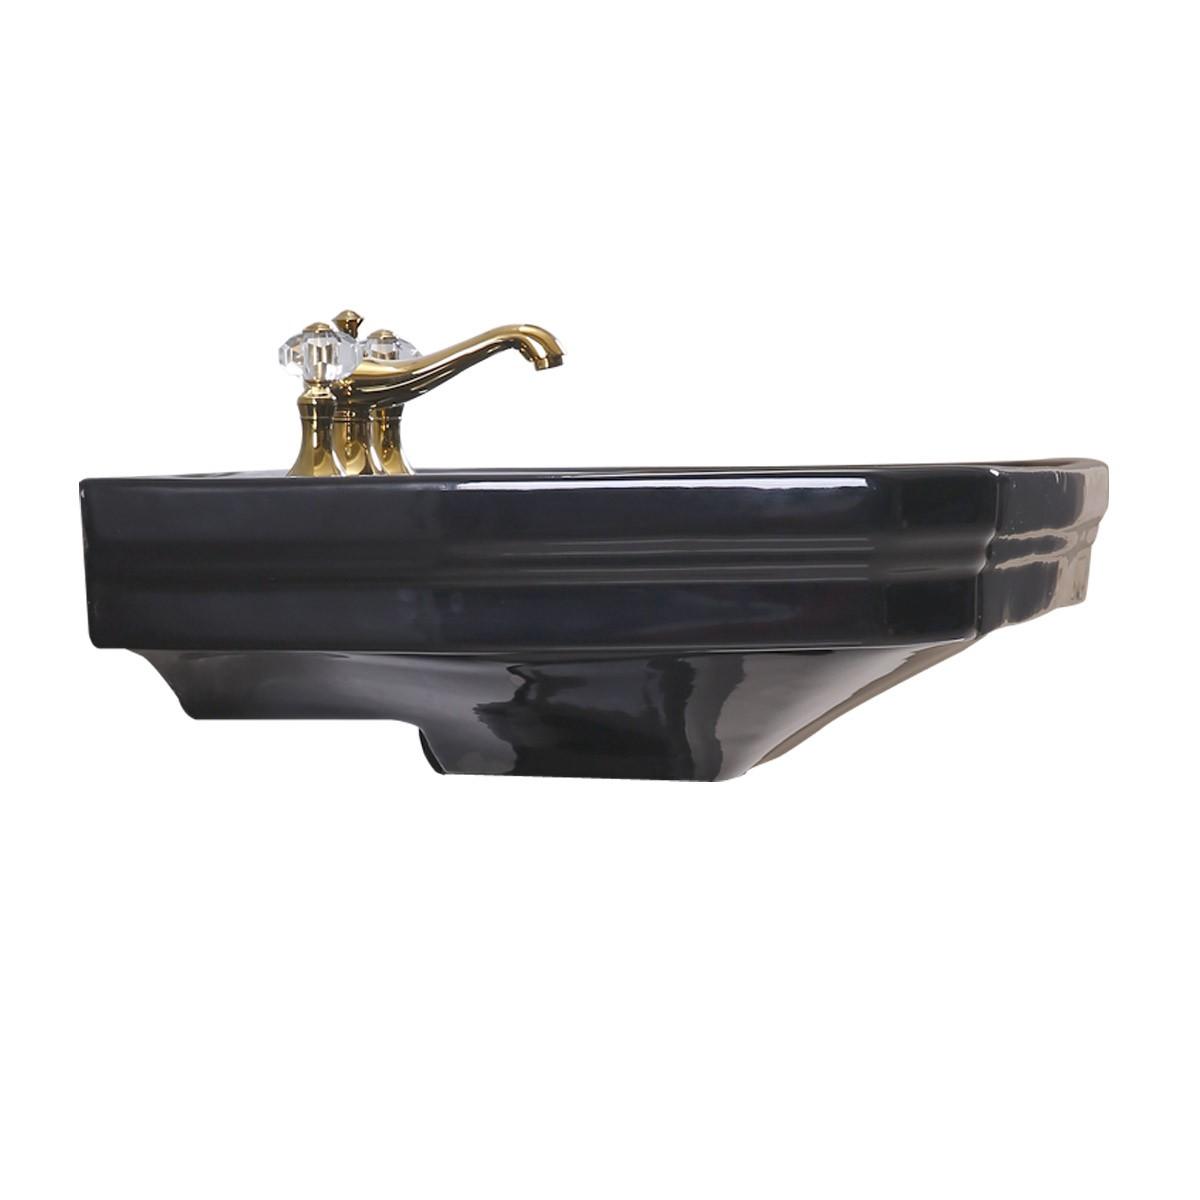 Large Victorian Pedestal Sink Black Porcelain Sink Only Large Victorian Pedestal Sink Black Sink Only Sink Parts Bathroom Sink Part